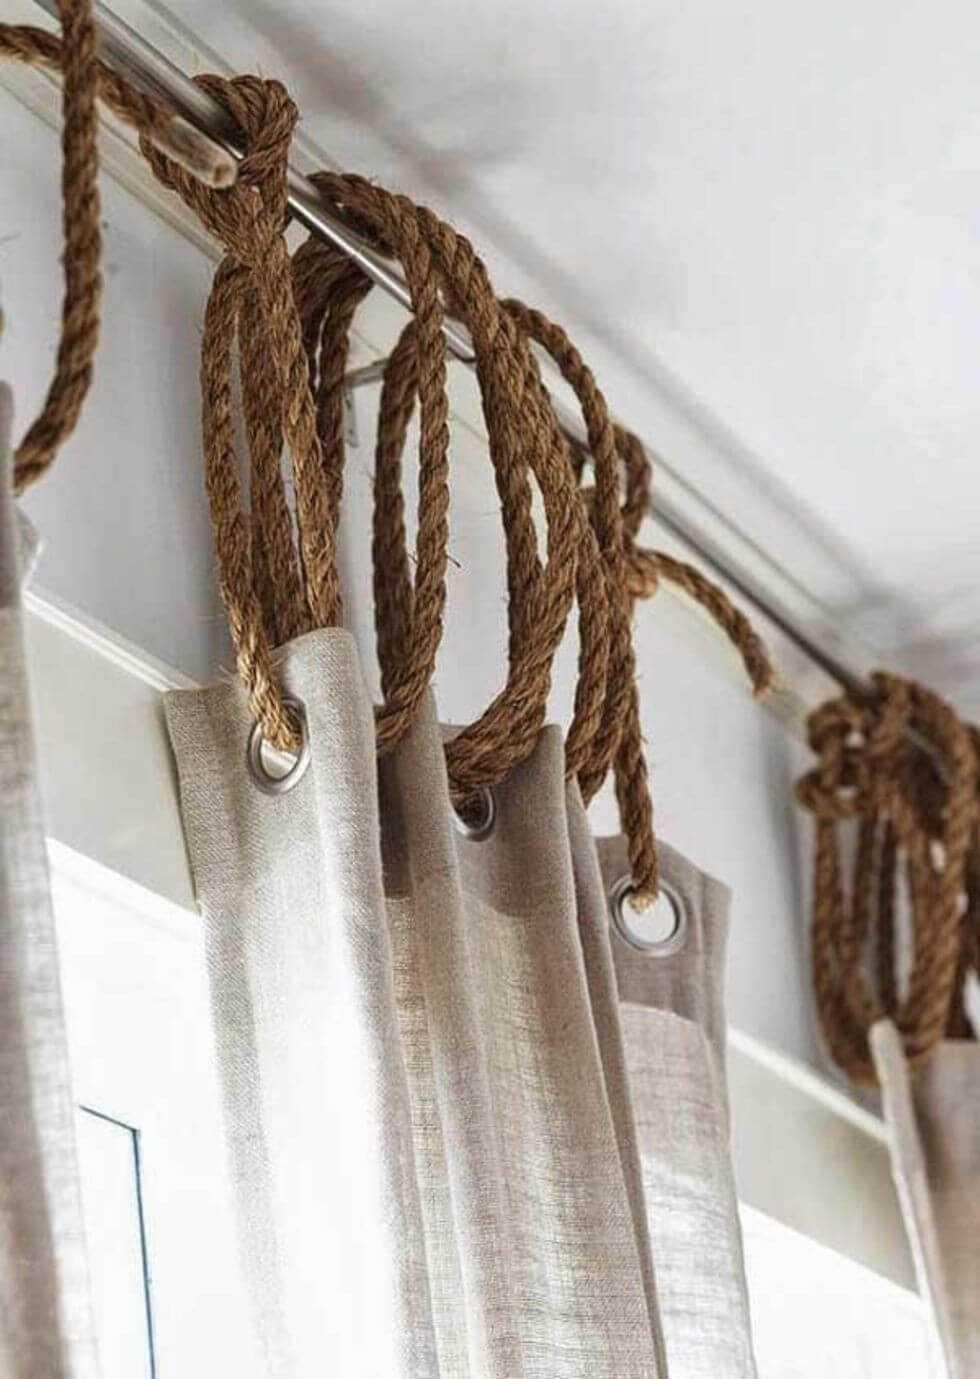 Творческие проекты из веревки сделанные своими руками 5 | Дока-Мастер